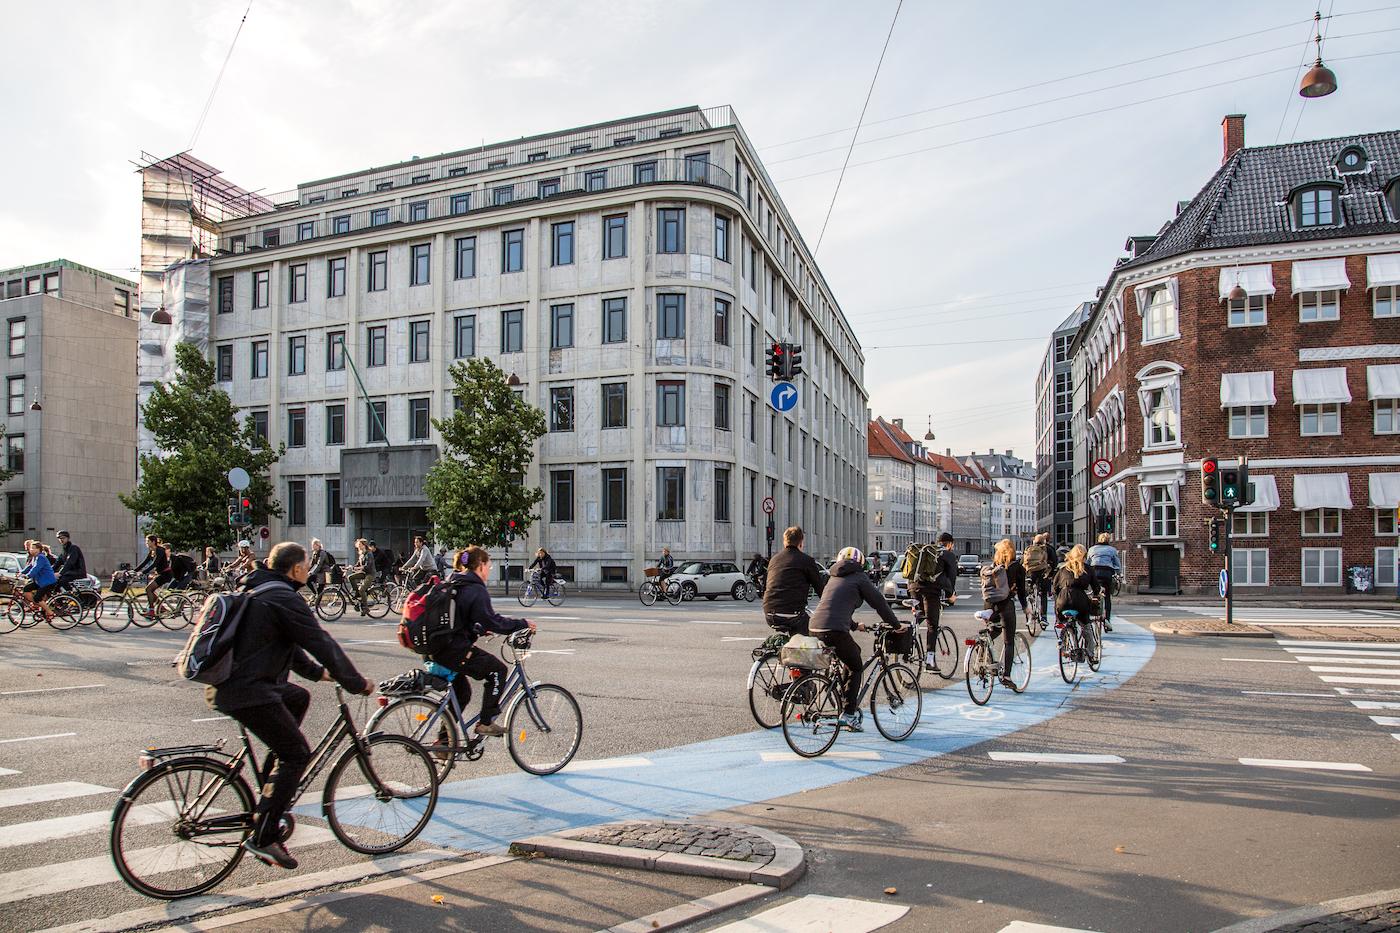 SYKKELSATSING: Hva skal til for å få flere nordmenn til å sykle? Se debatten på åpningsdagen av Bike Expo 2. mars. Foto: Tony Webster